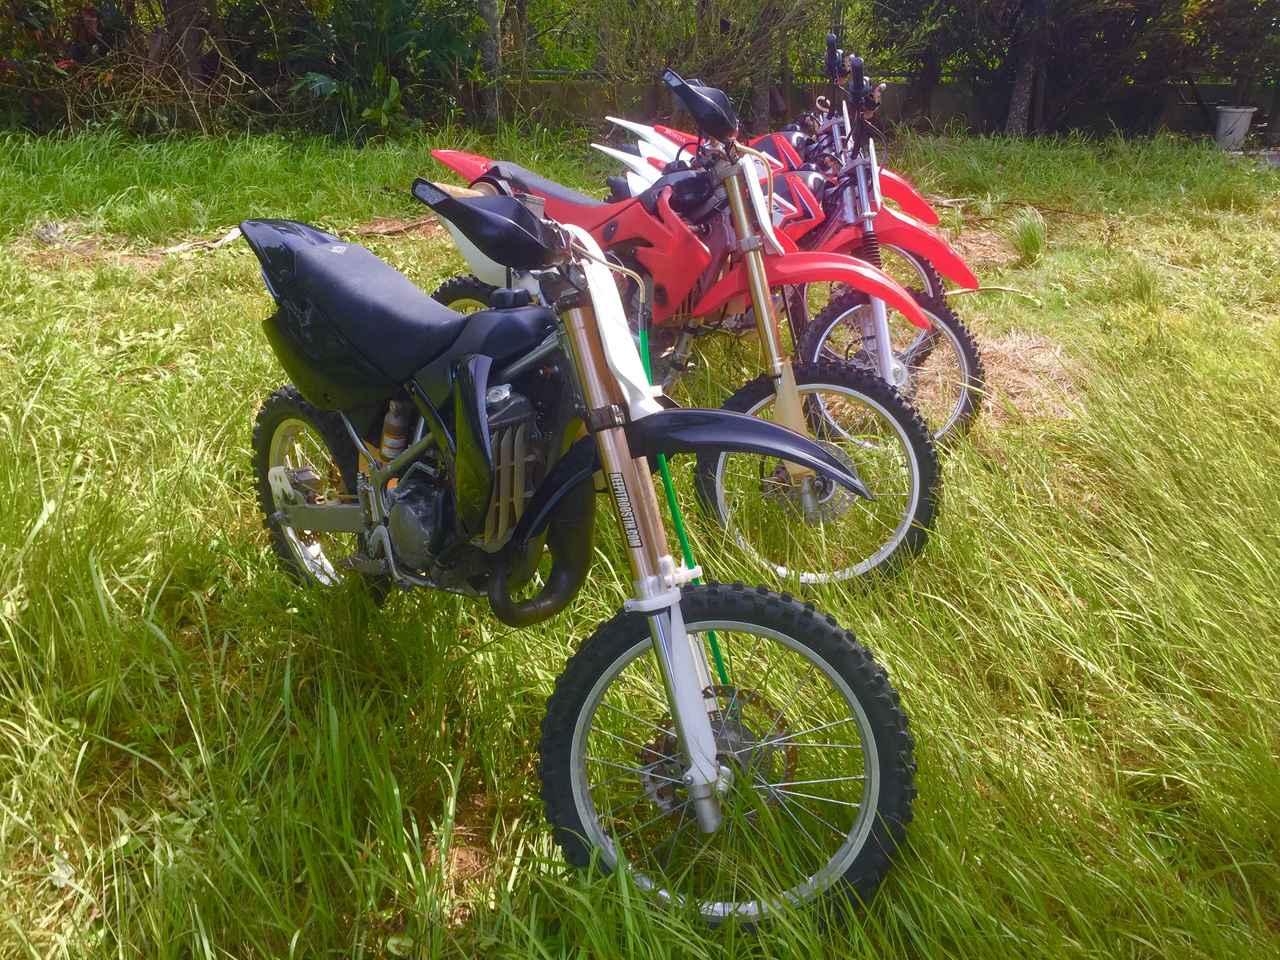 画像: Honda  CRF 150 RII, CRF 125 F, Kawasaki  KX 100 Big Wheel, Yamaha  Serow 250, Aprilia  Climber 240 www.offroad-ishigaki.com